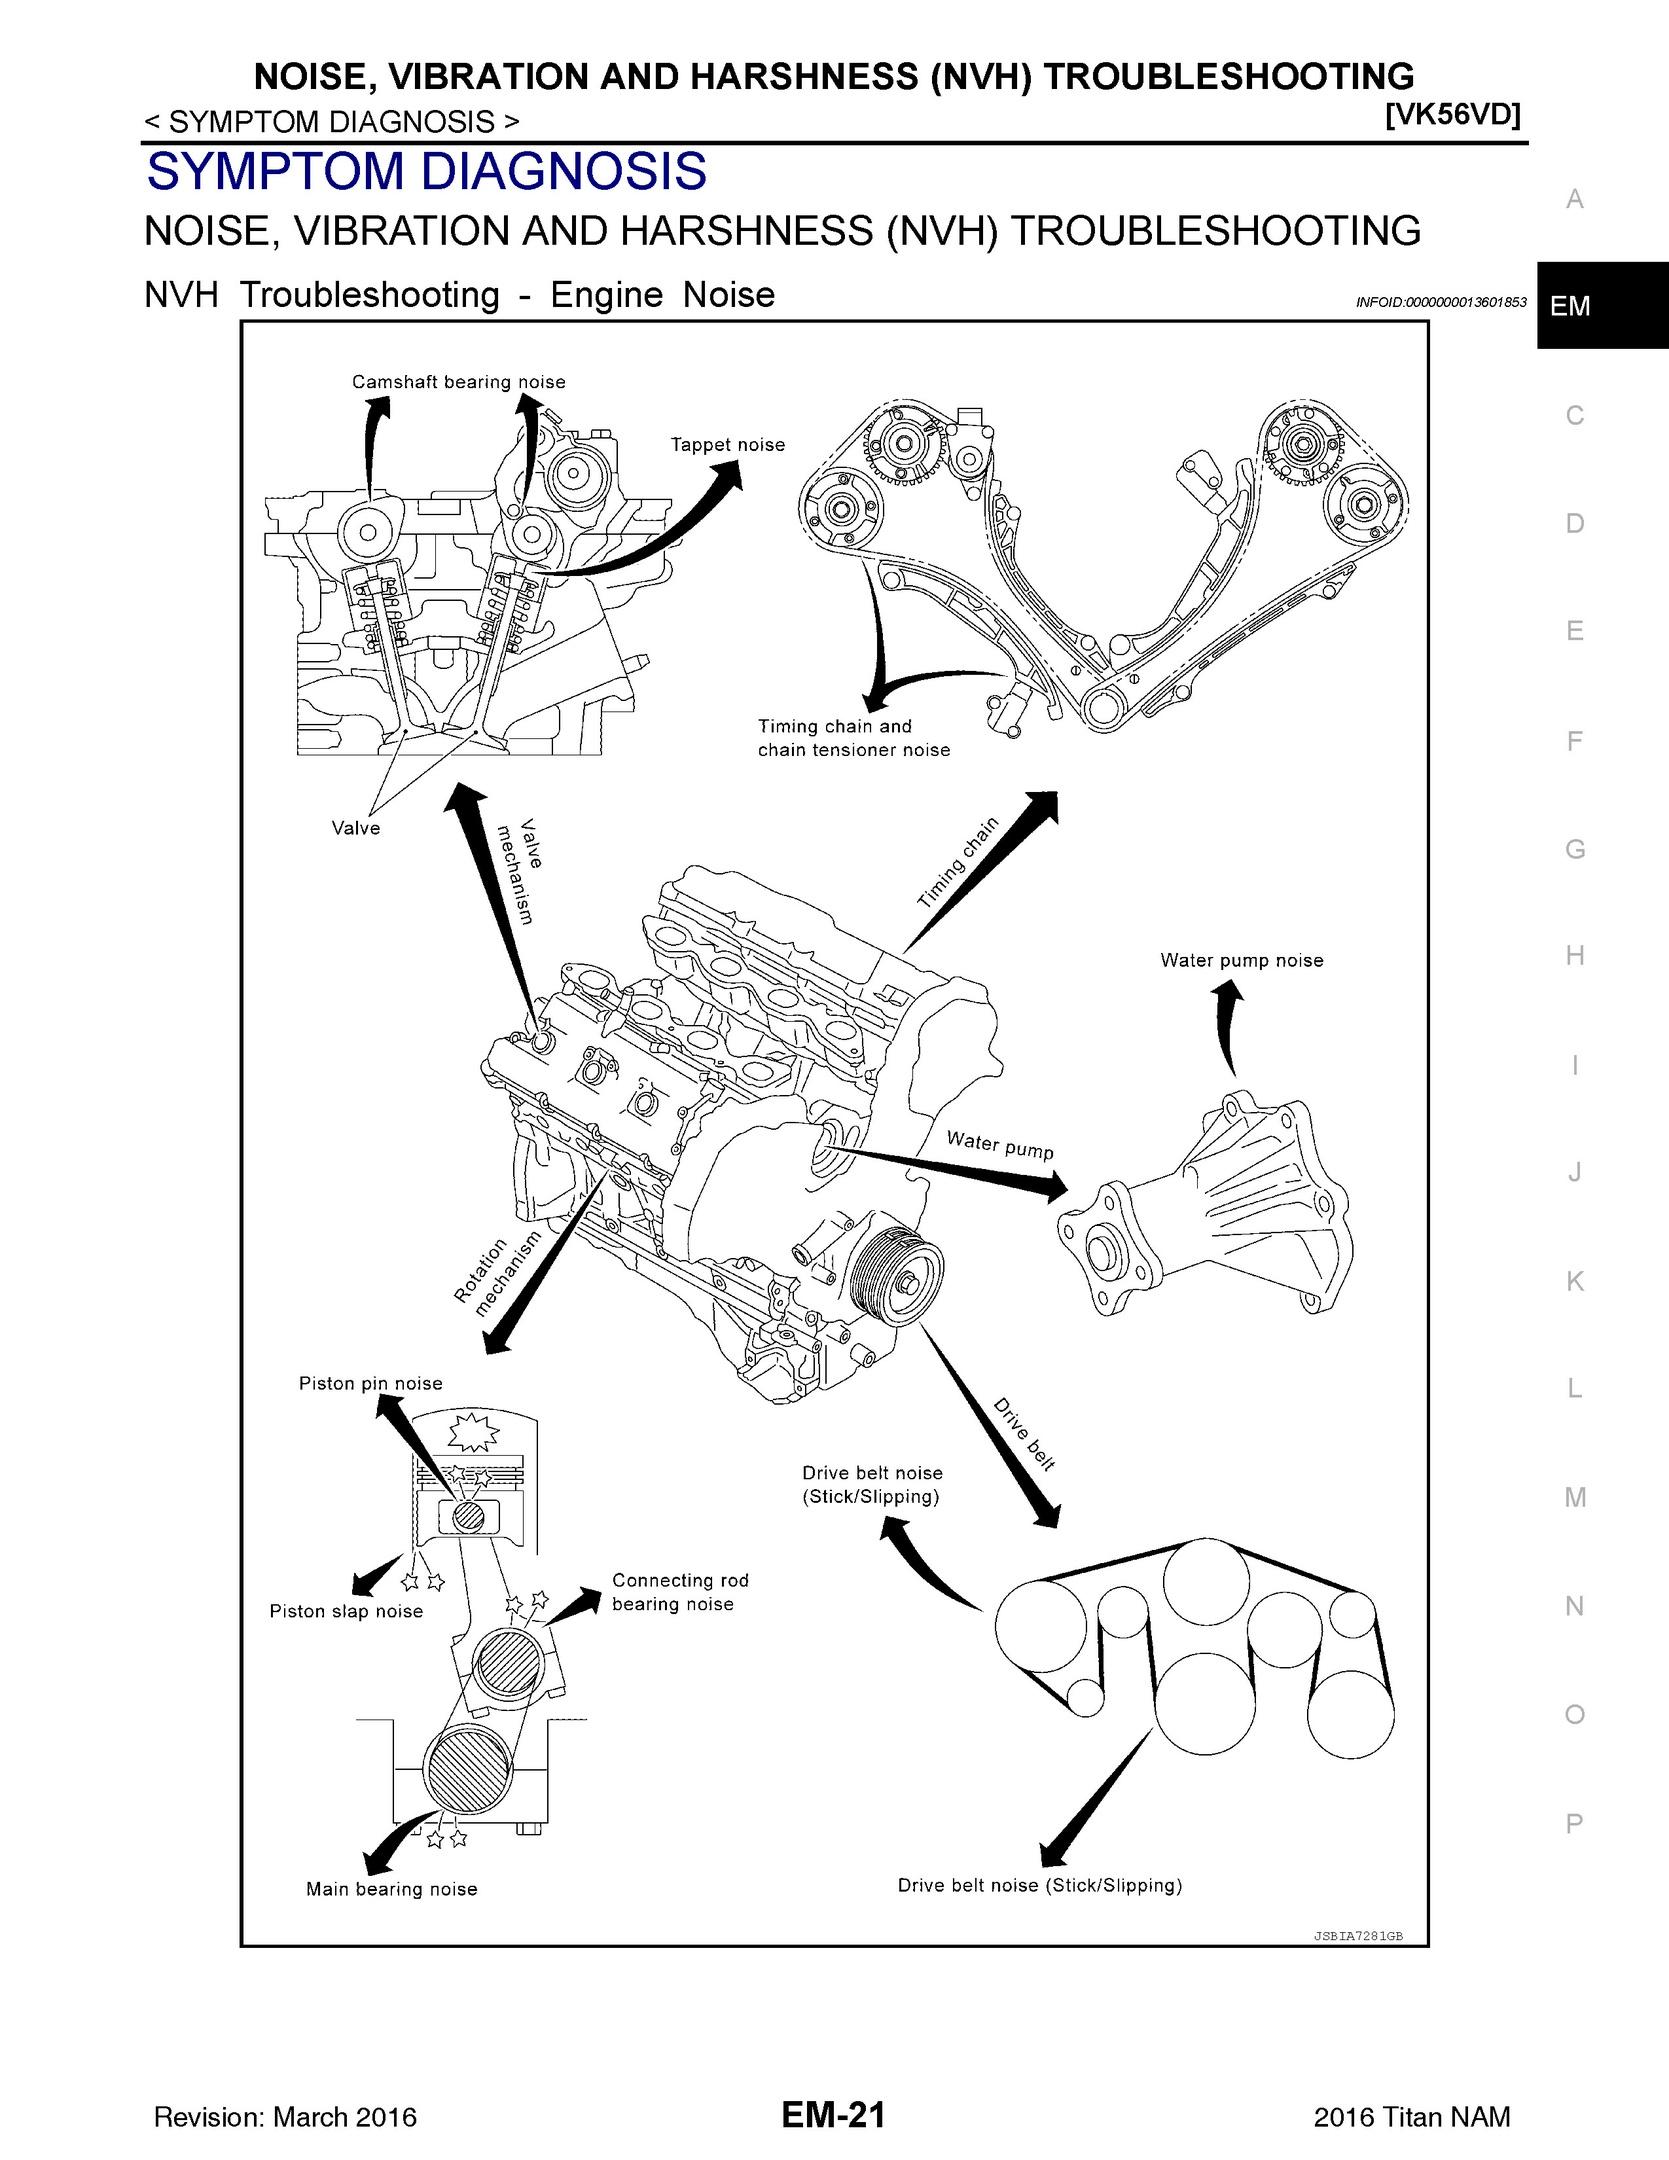 2015 Nissan Titan  Oem Service And Repair Manual